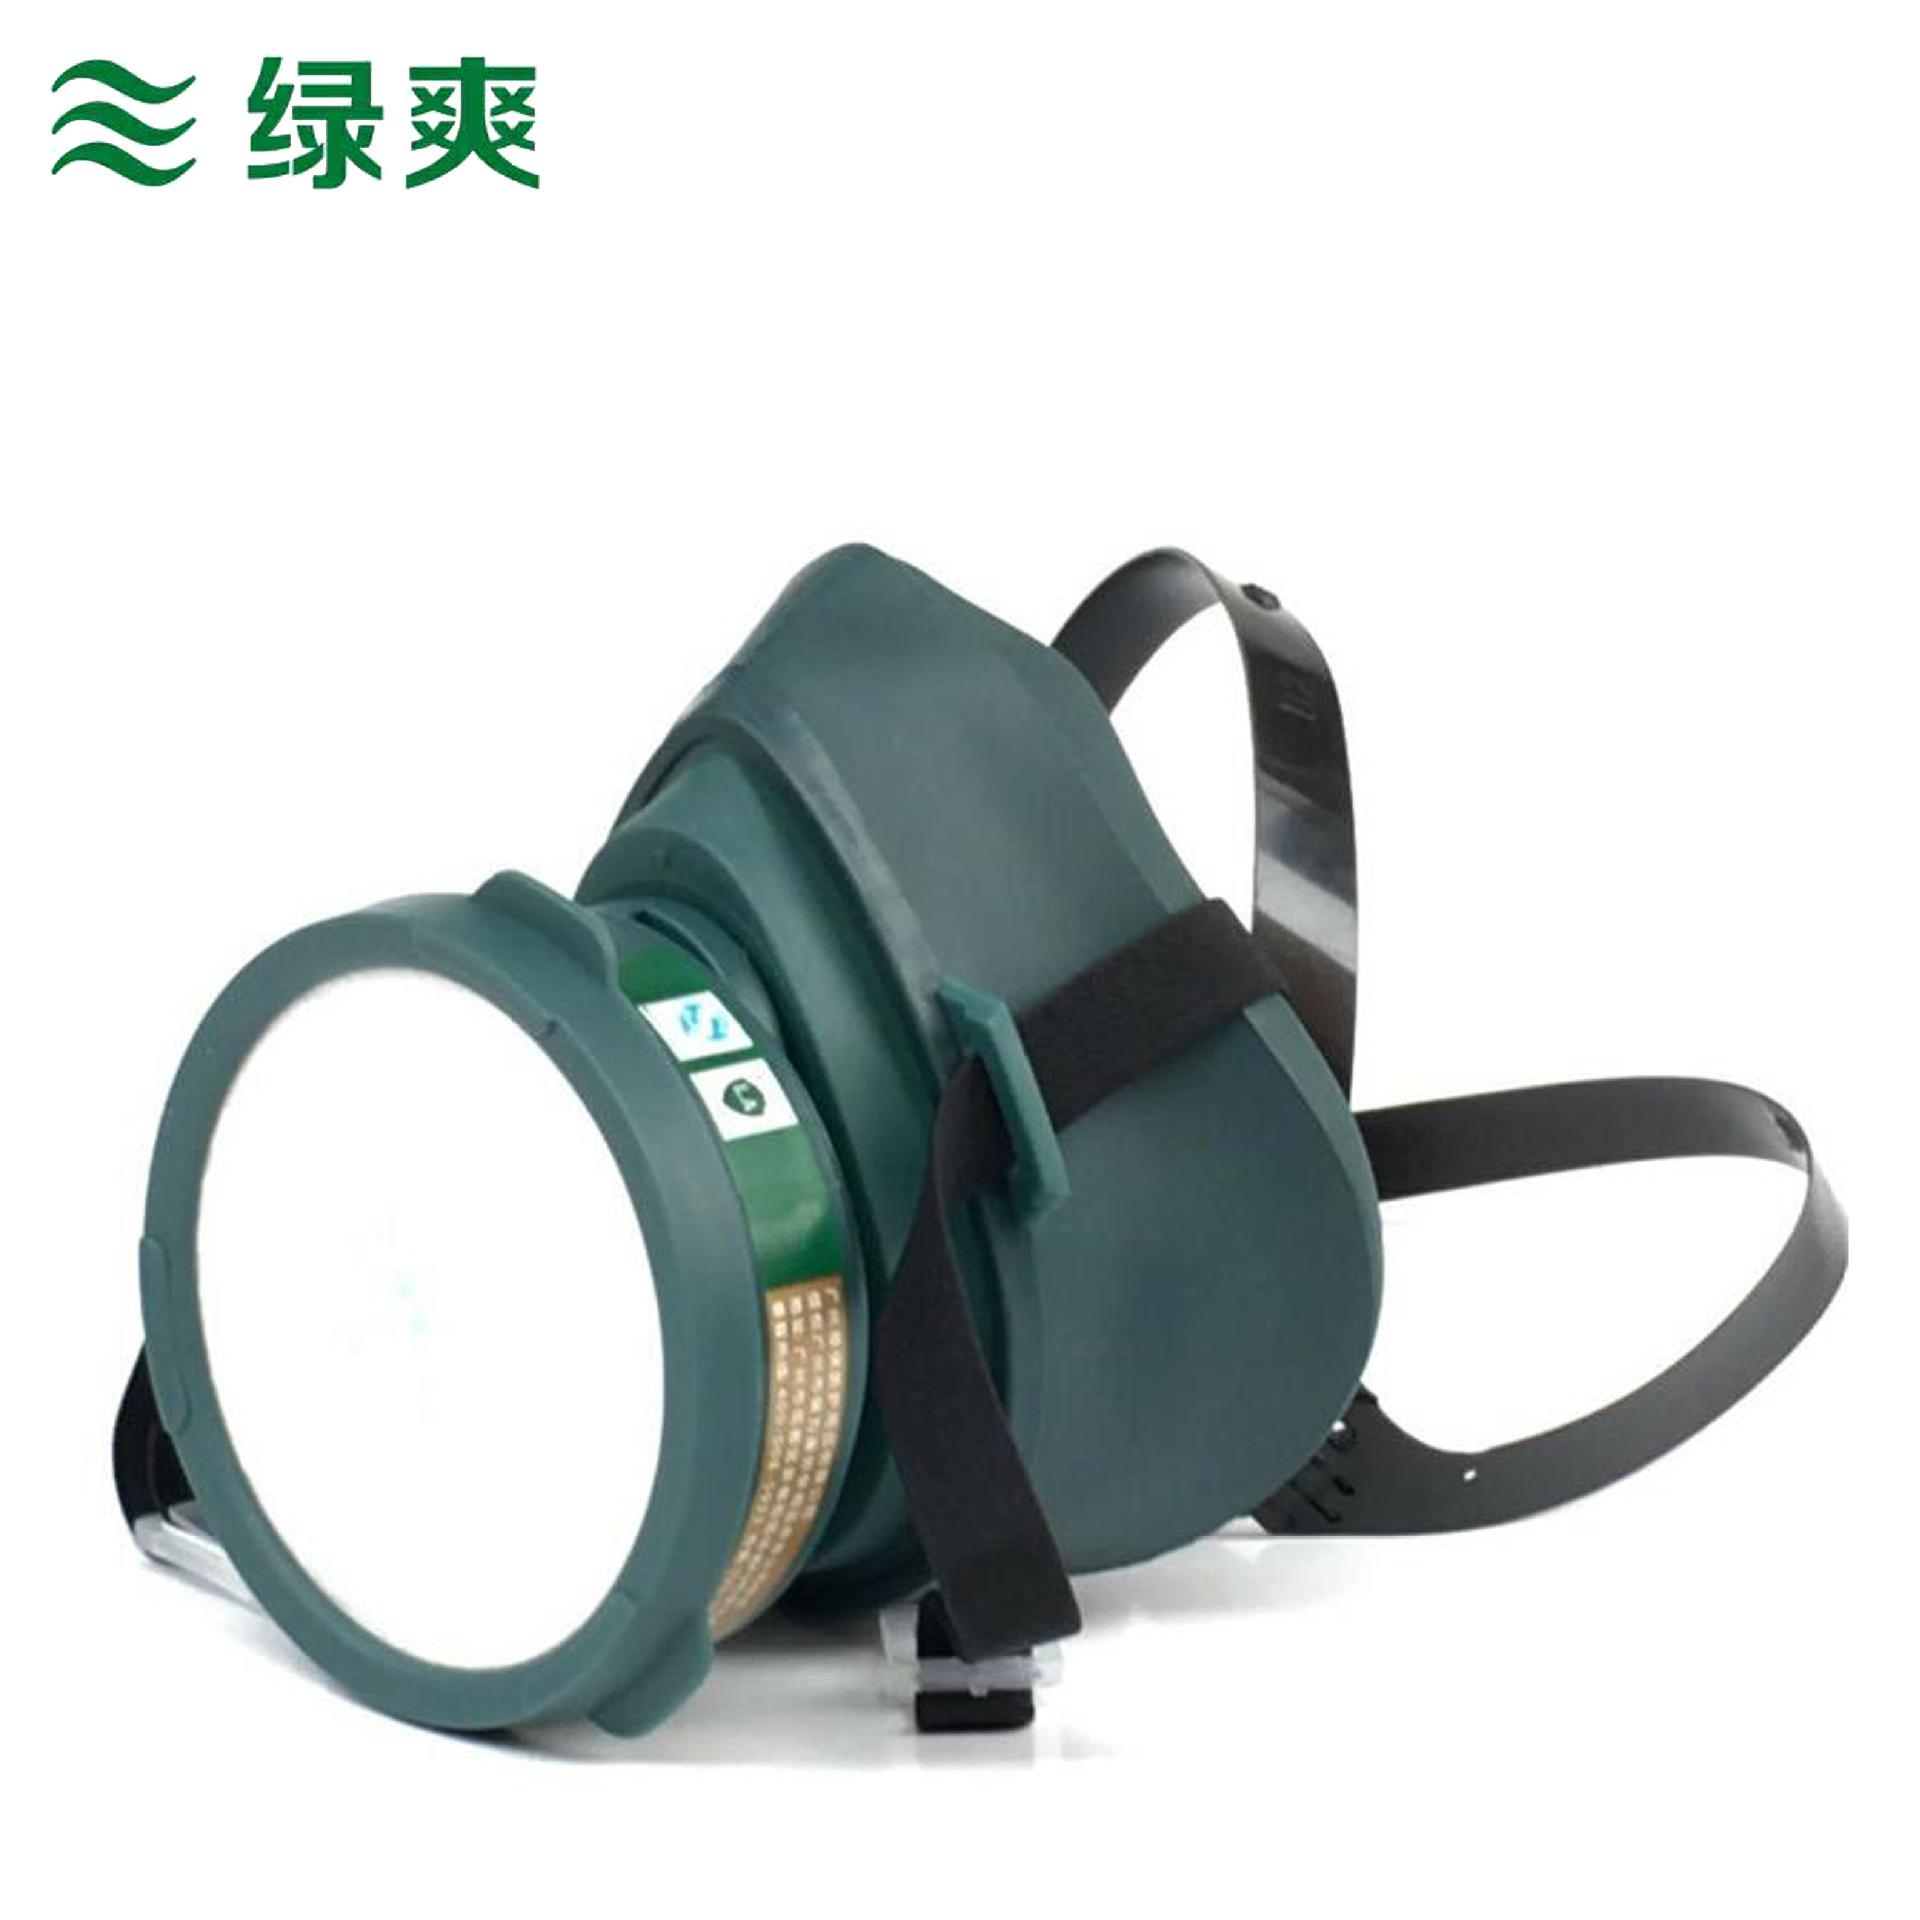 绿爽990bwin国际官方网站面具防烟面罩喷漆专用化工甲醛防粉尘工业煤矿